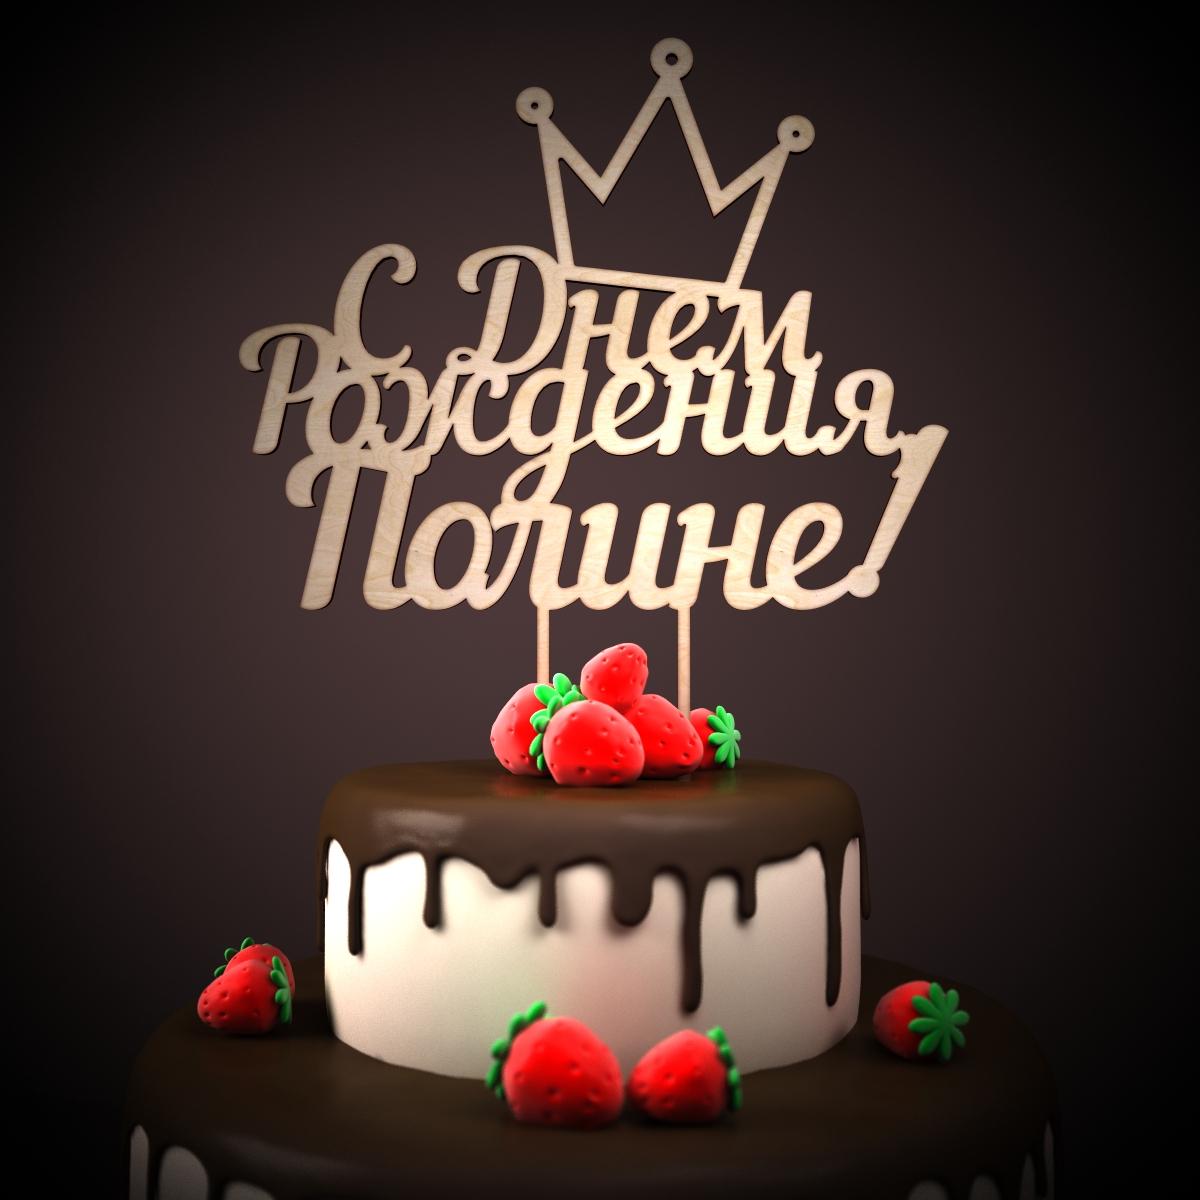 Смс поздравления с днем рождения полине